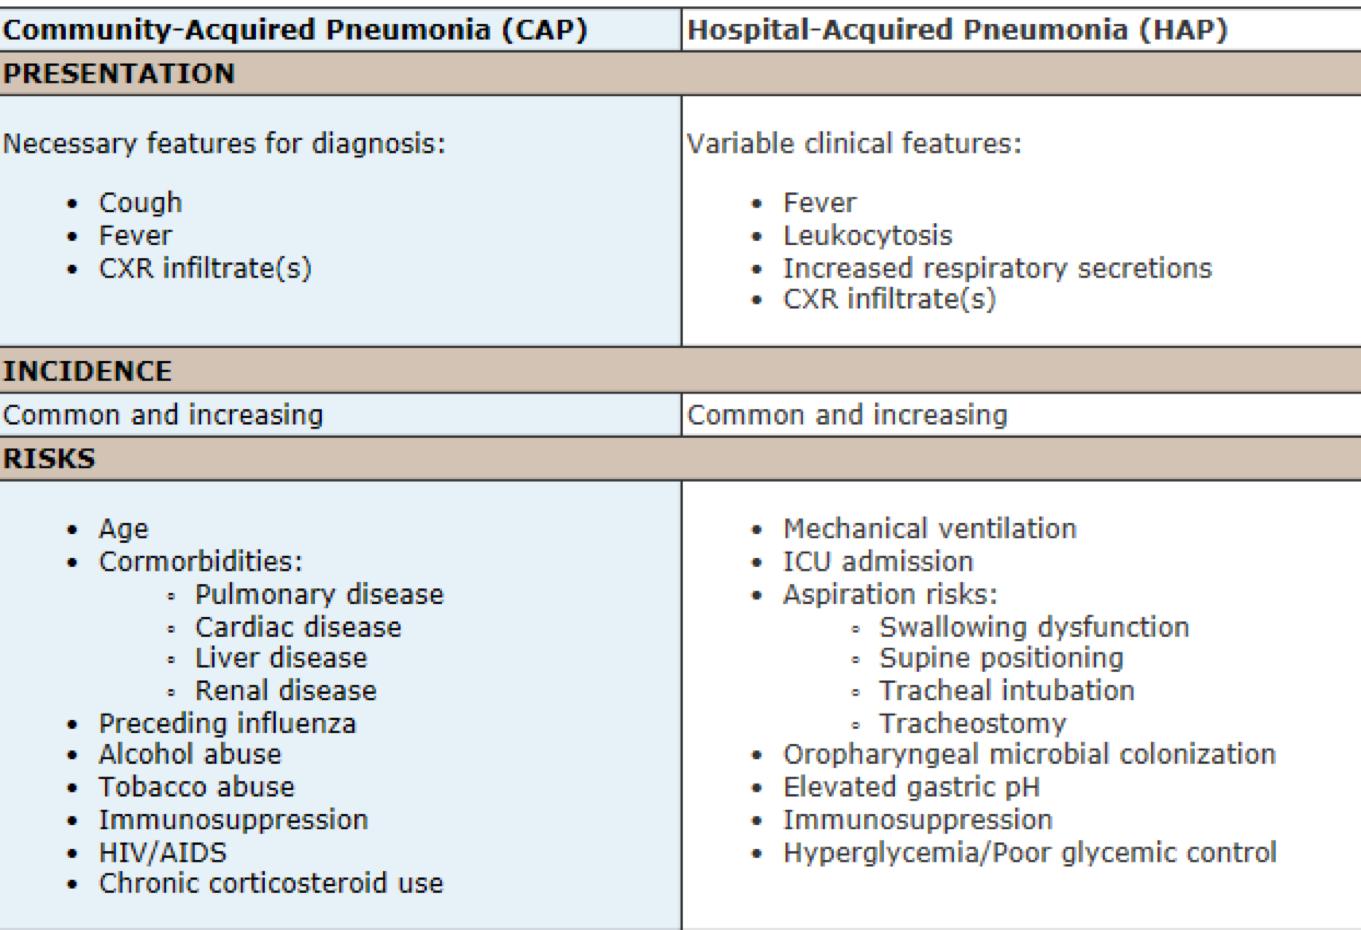 54311a484c4 CAP vs HAP Community Acquired Pneumonia vs. Hospital Acquired Pnemonia PNA